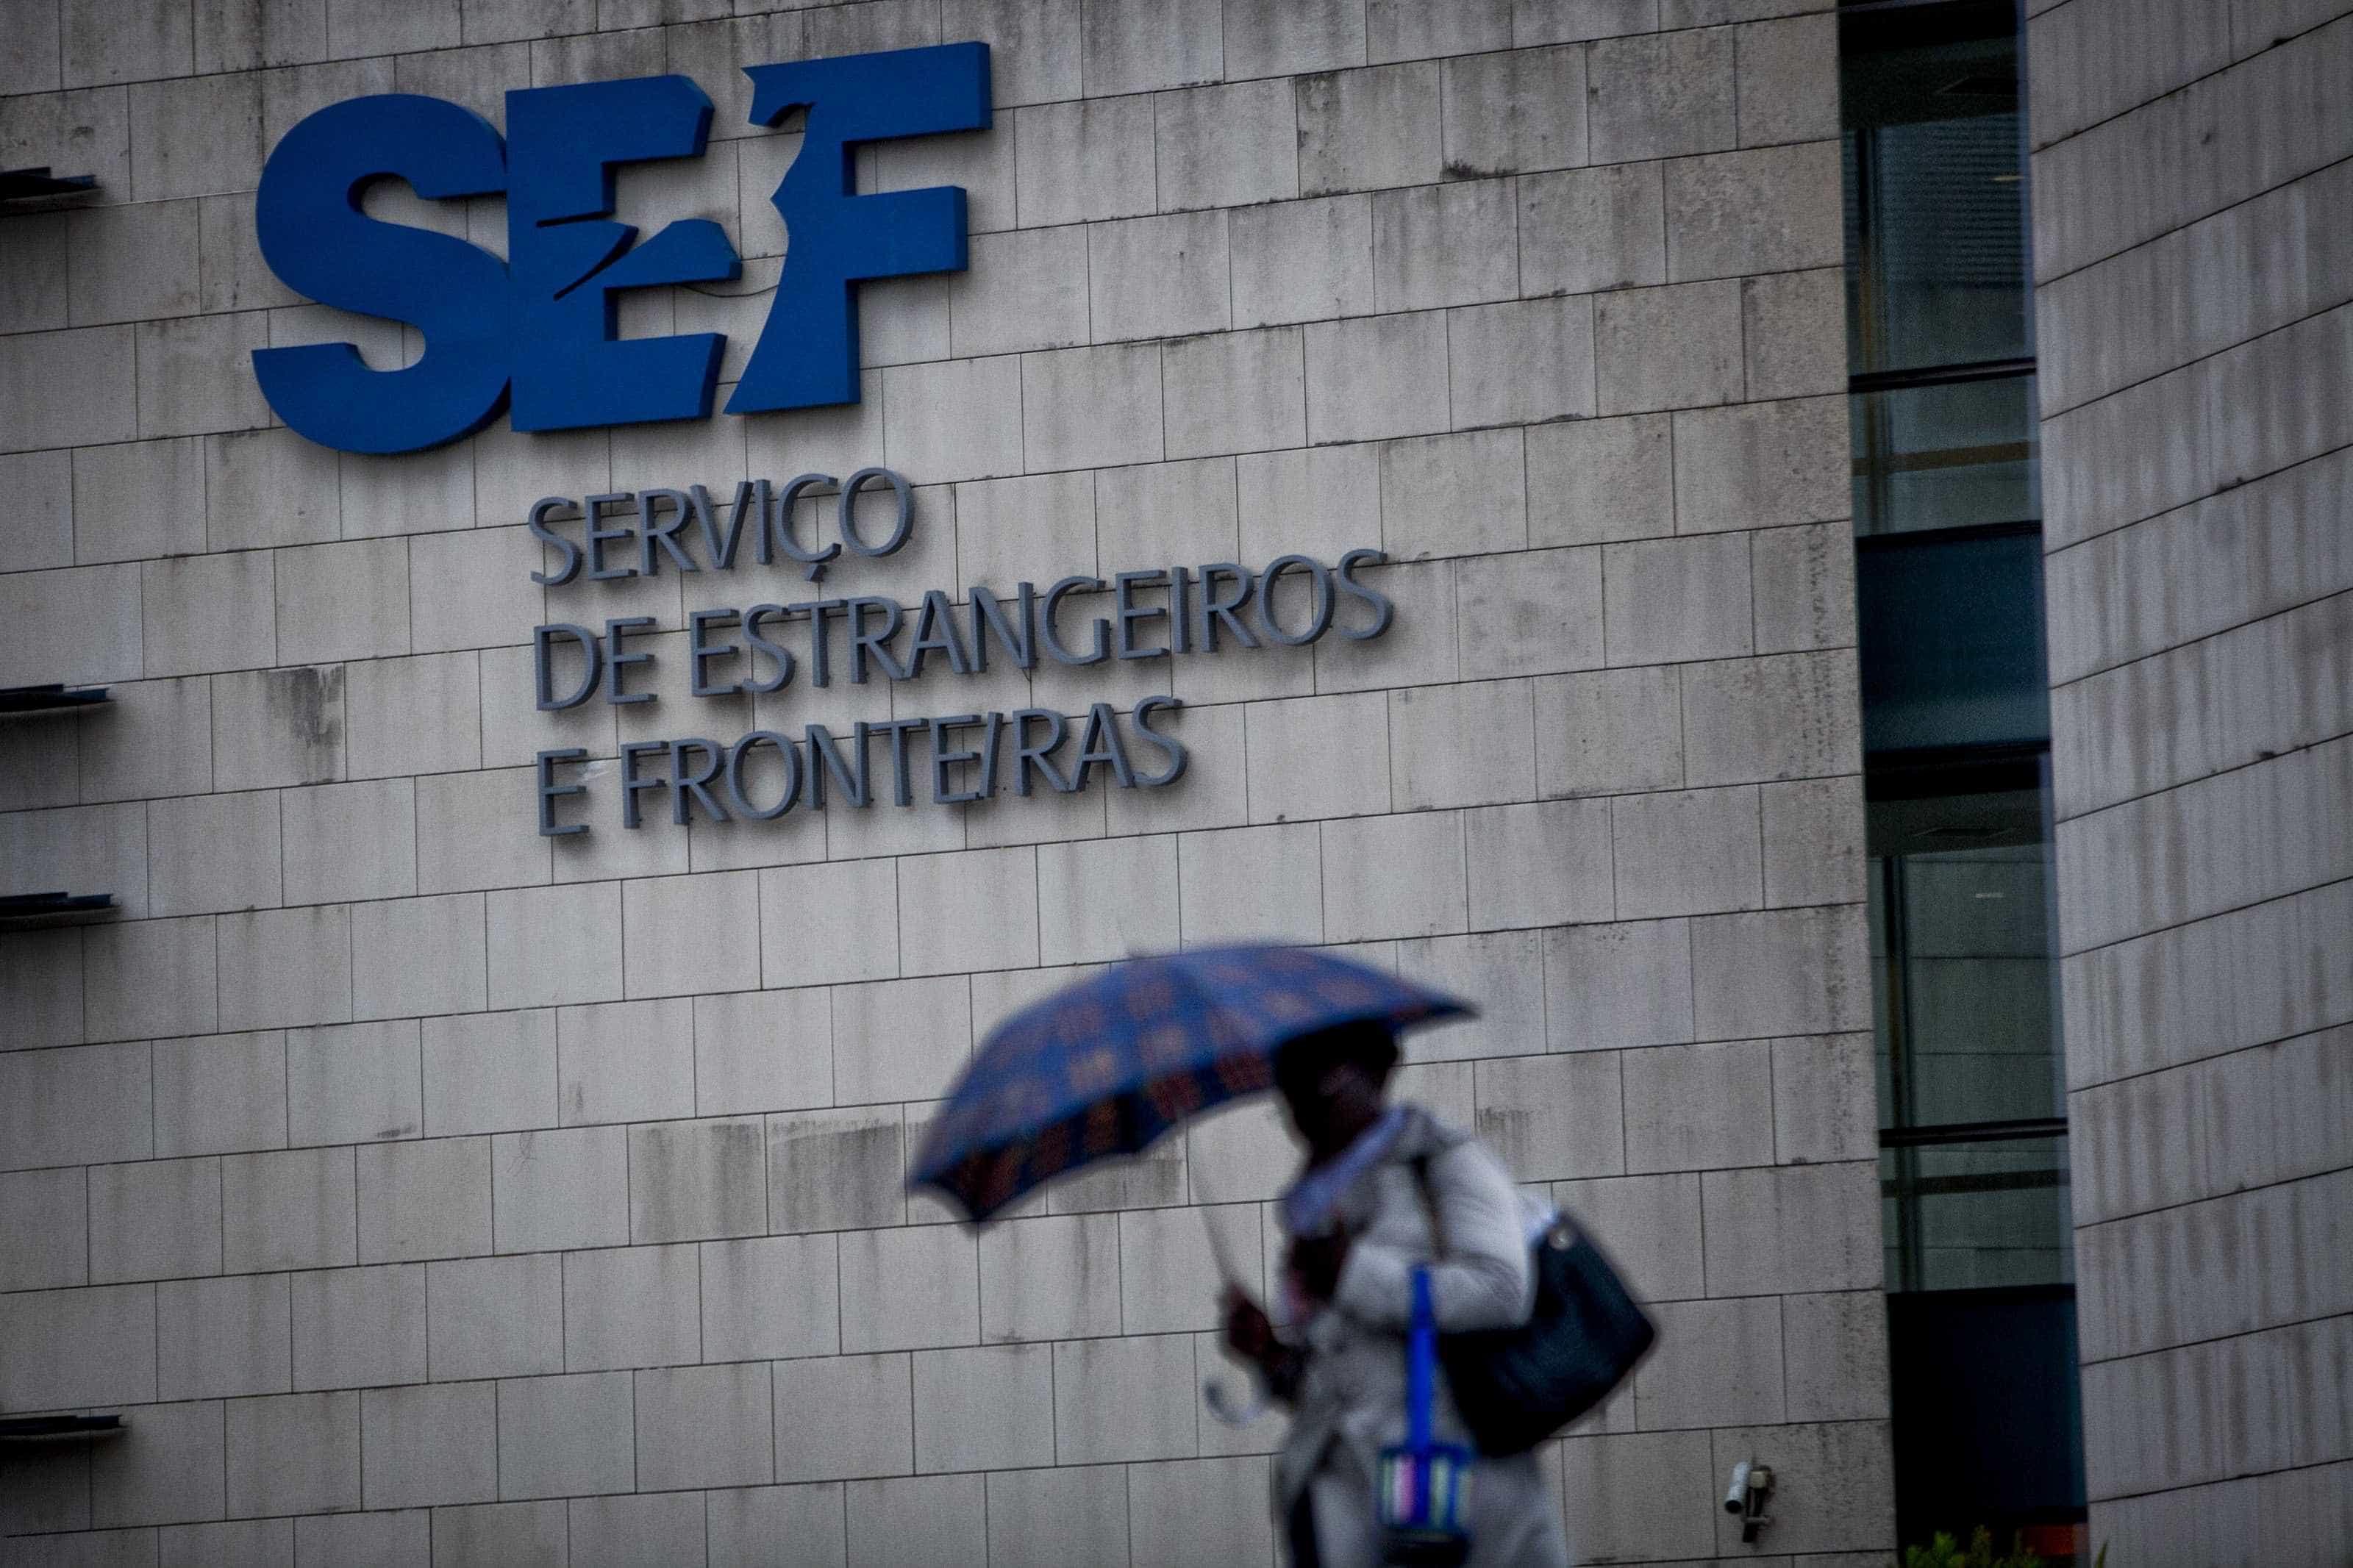 SEF deteta no Algarve oito pessoas em situação irregular em Portugal